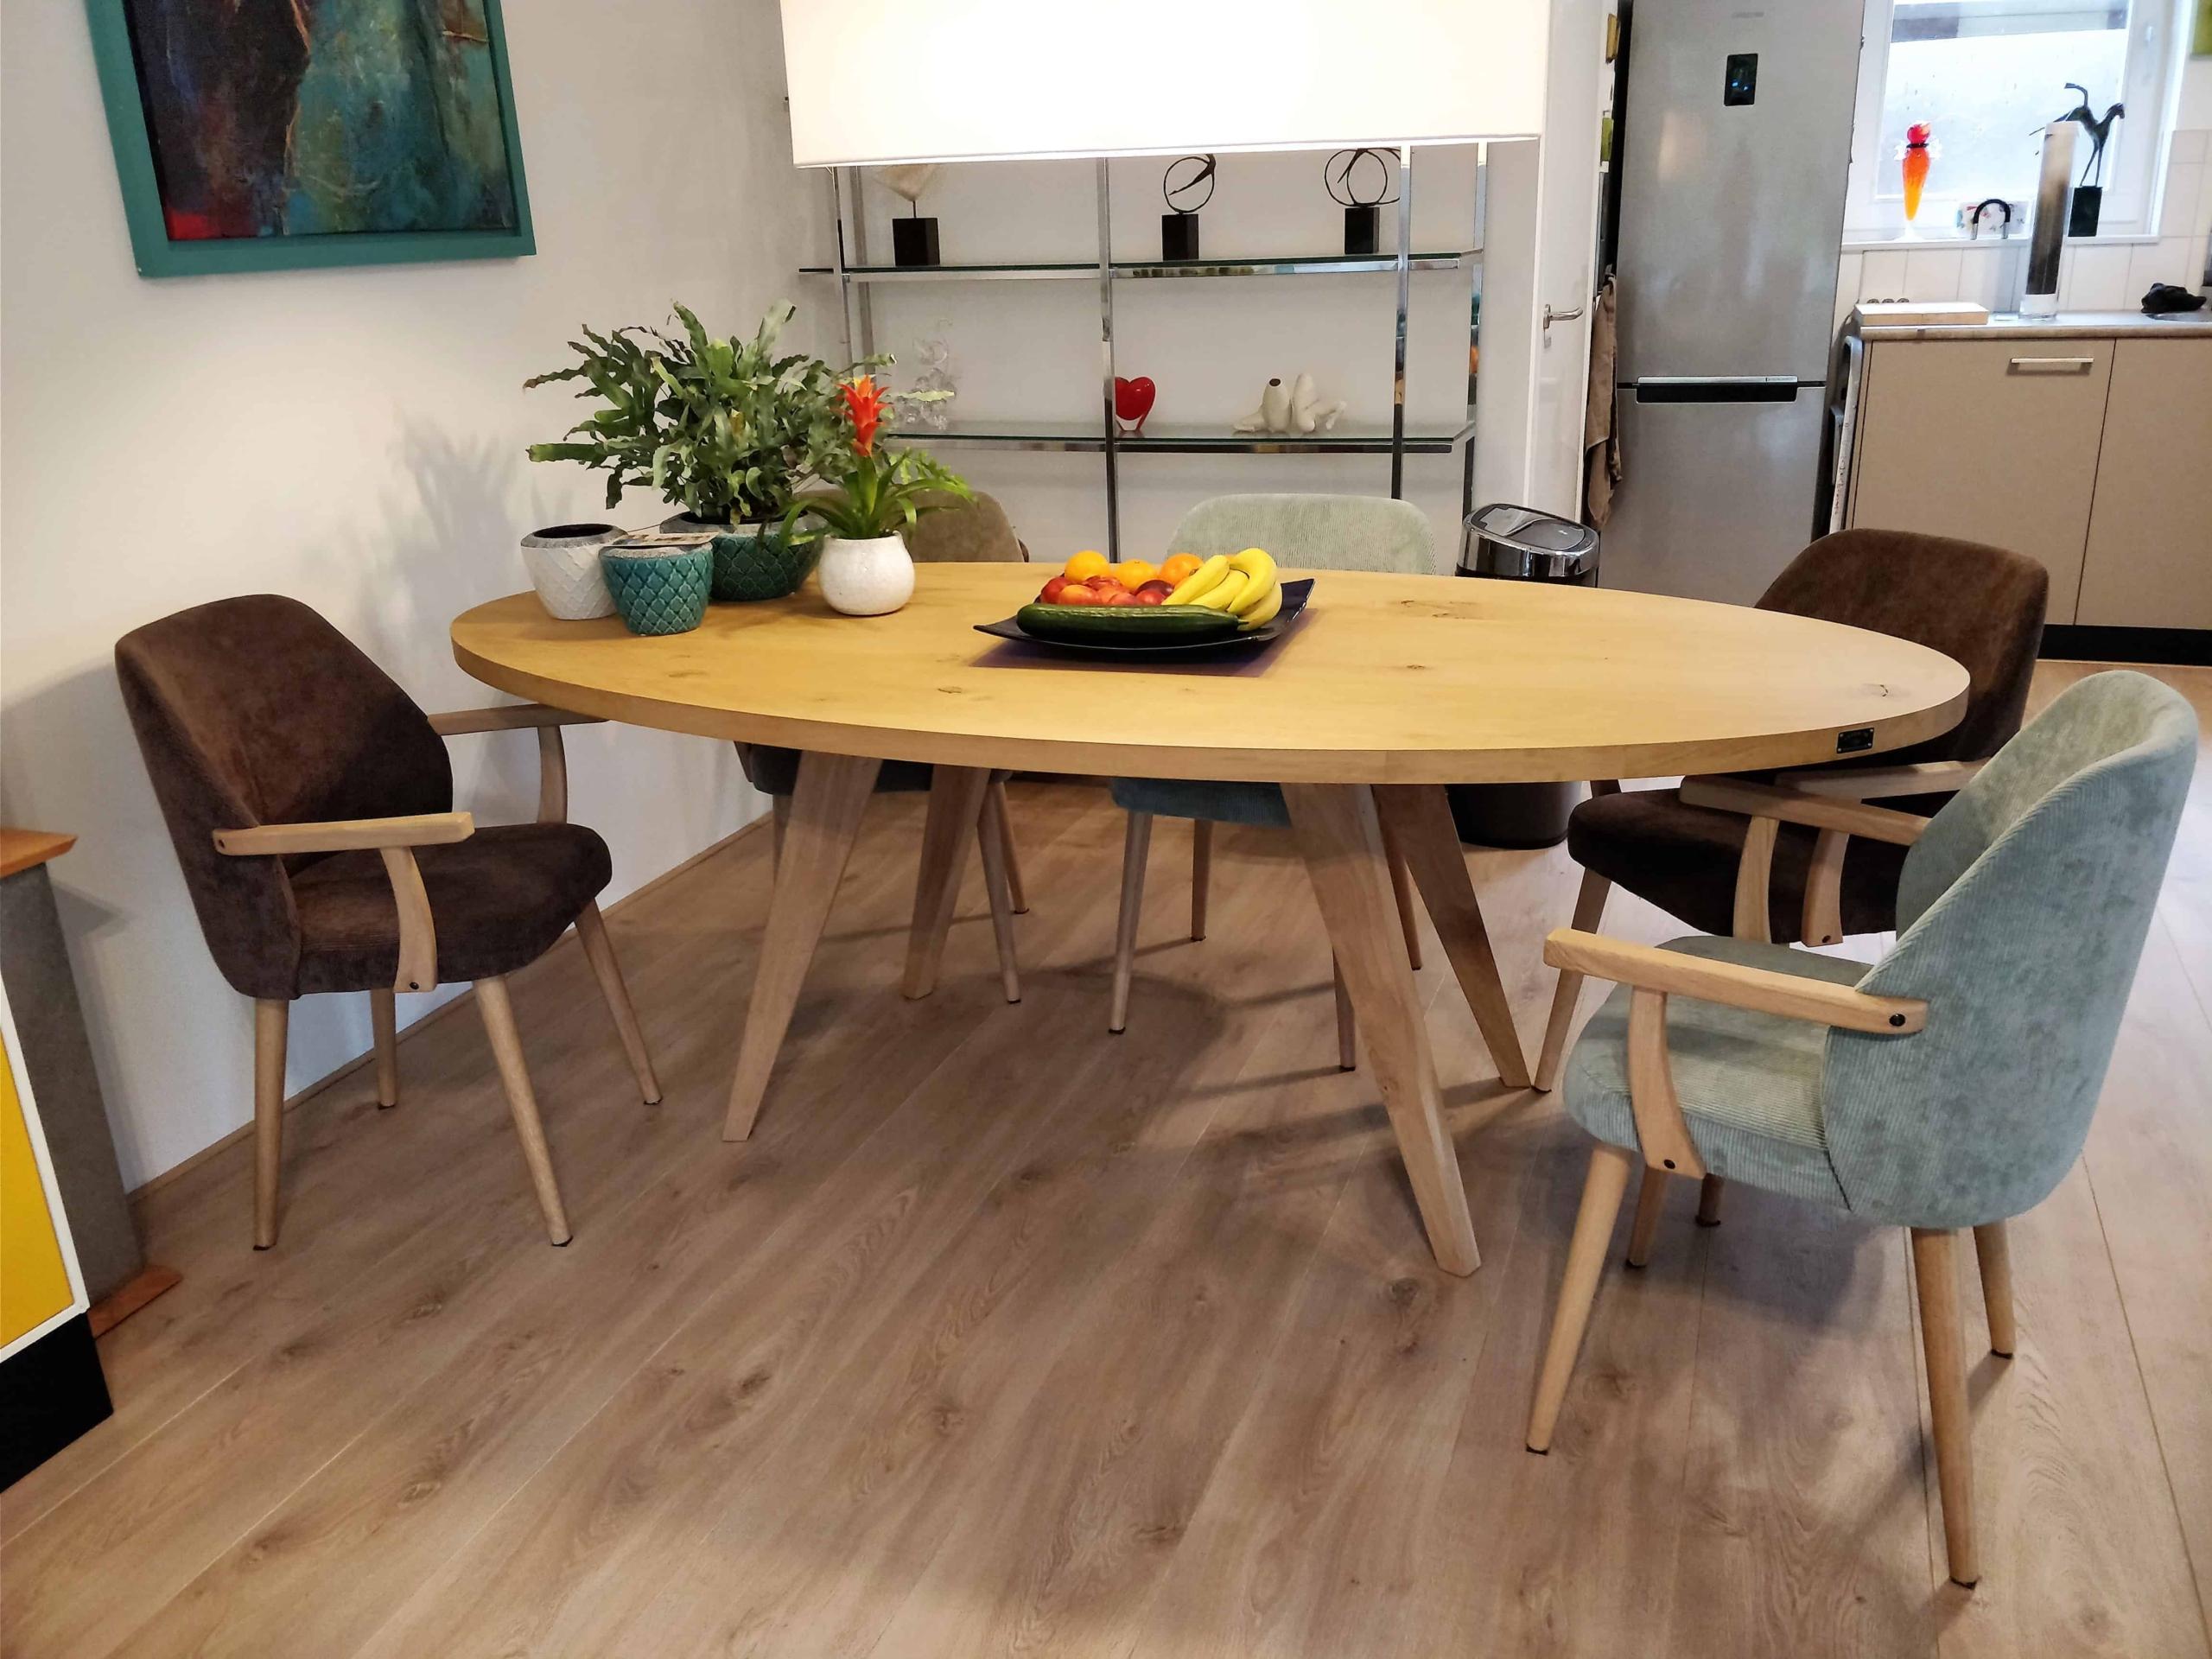 Ovale tafel houten poten